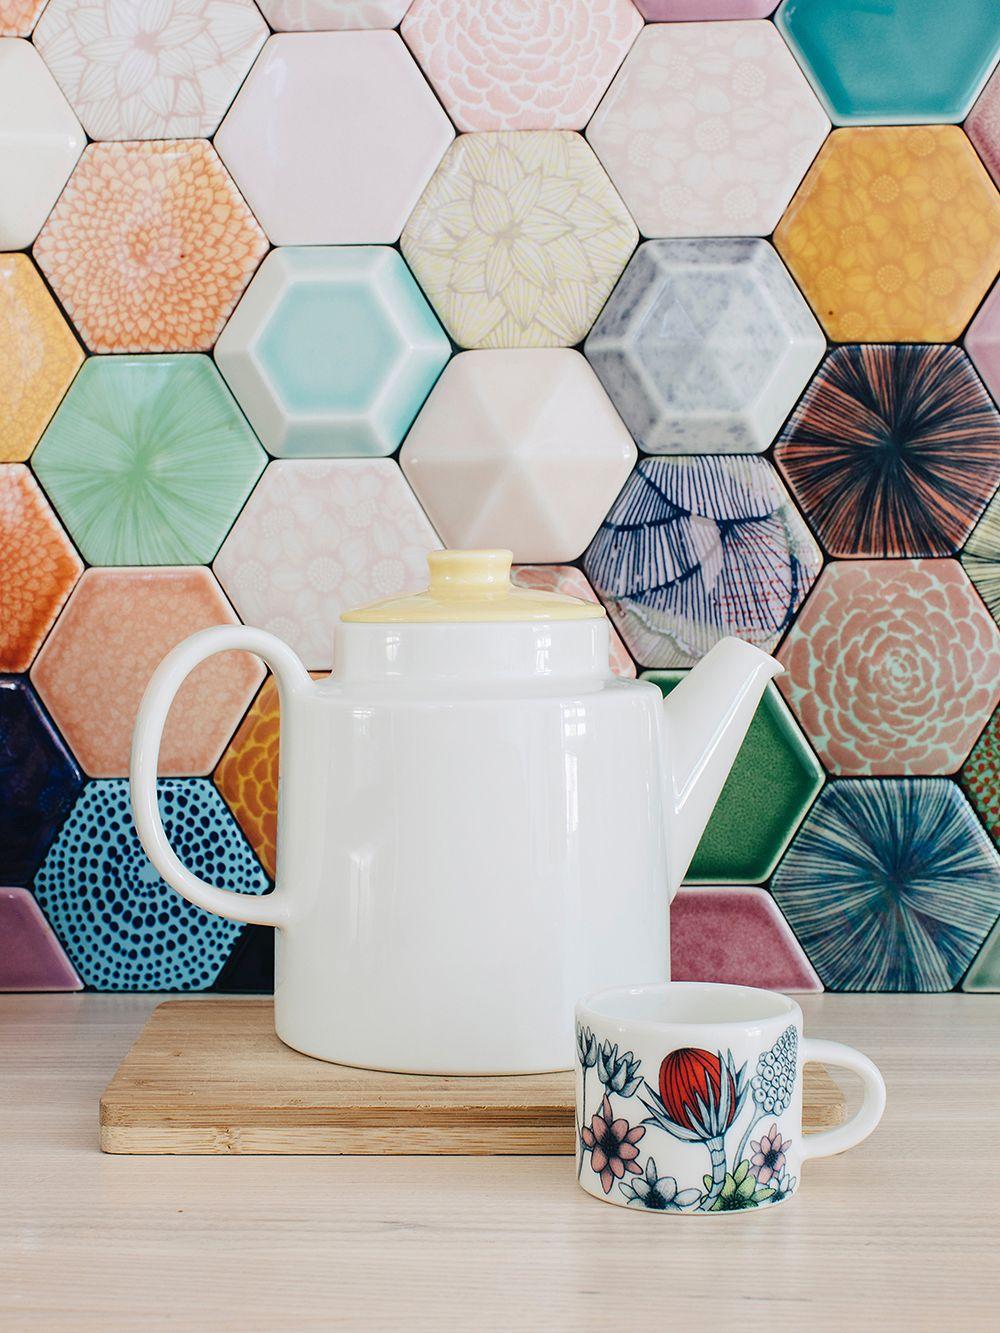 Ceramic artist Heini Riitahuhta